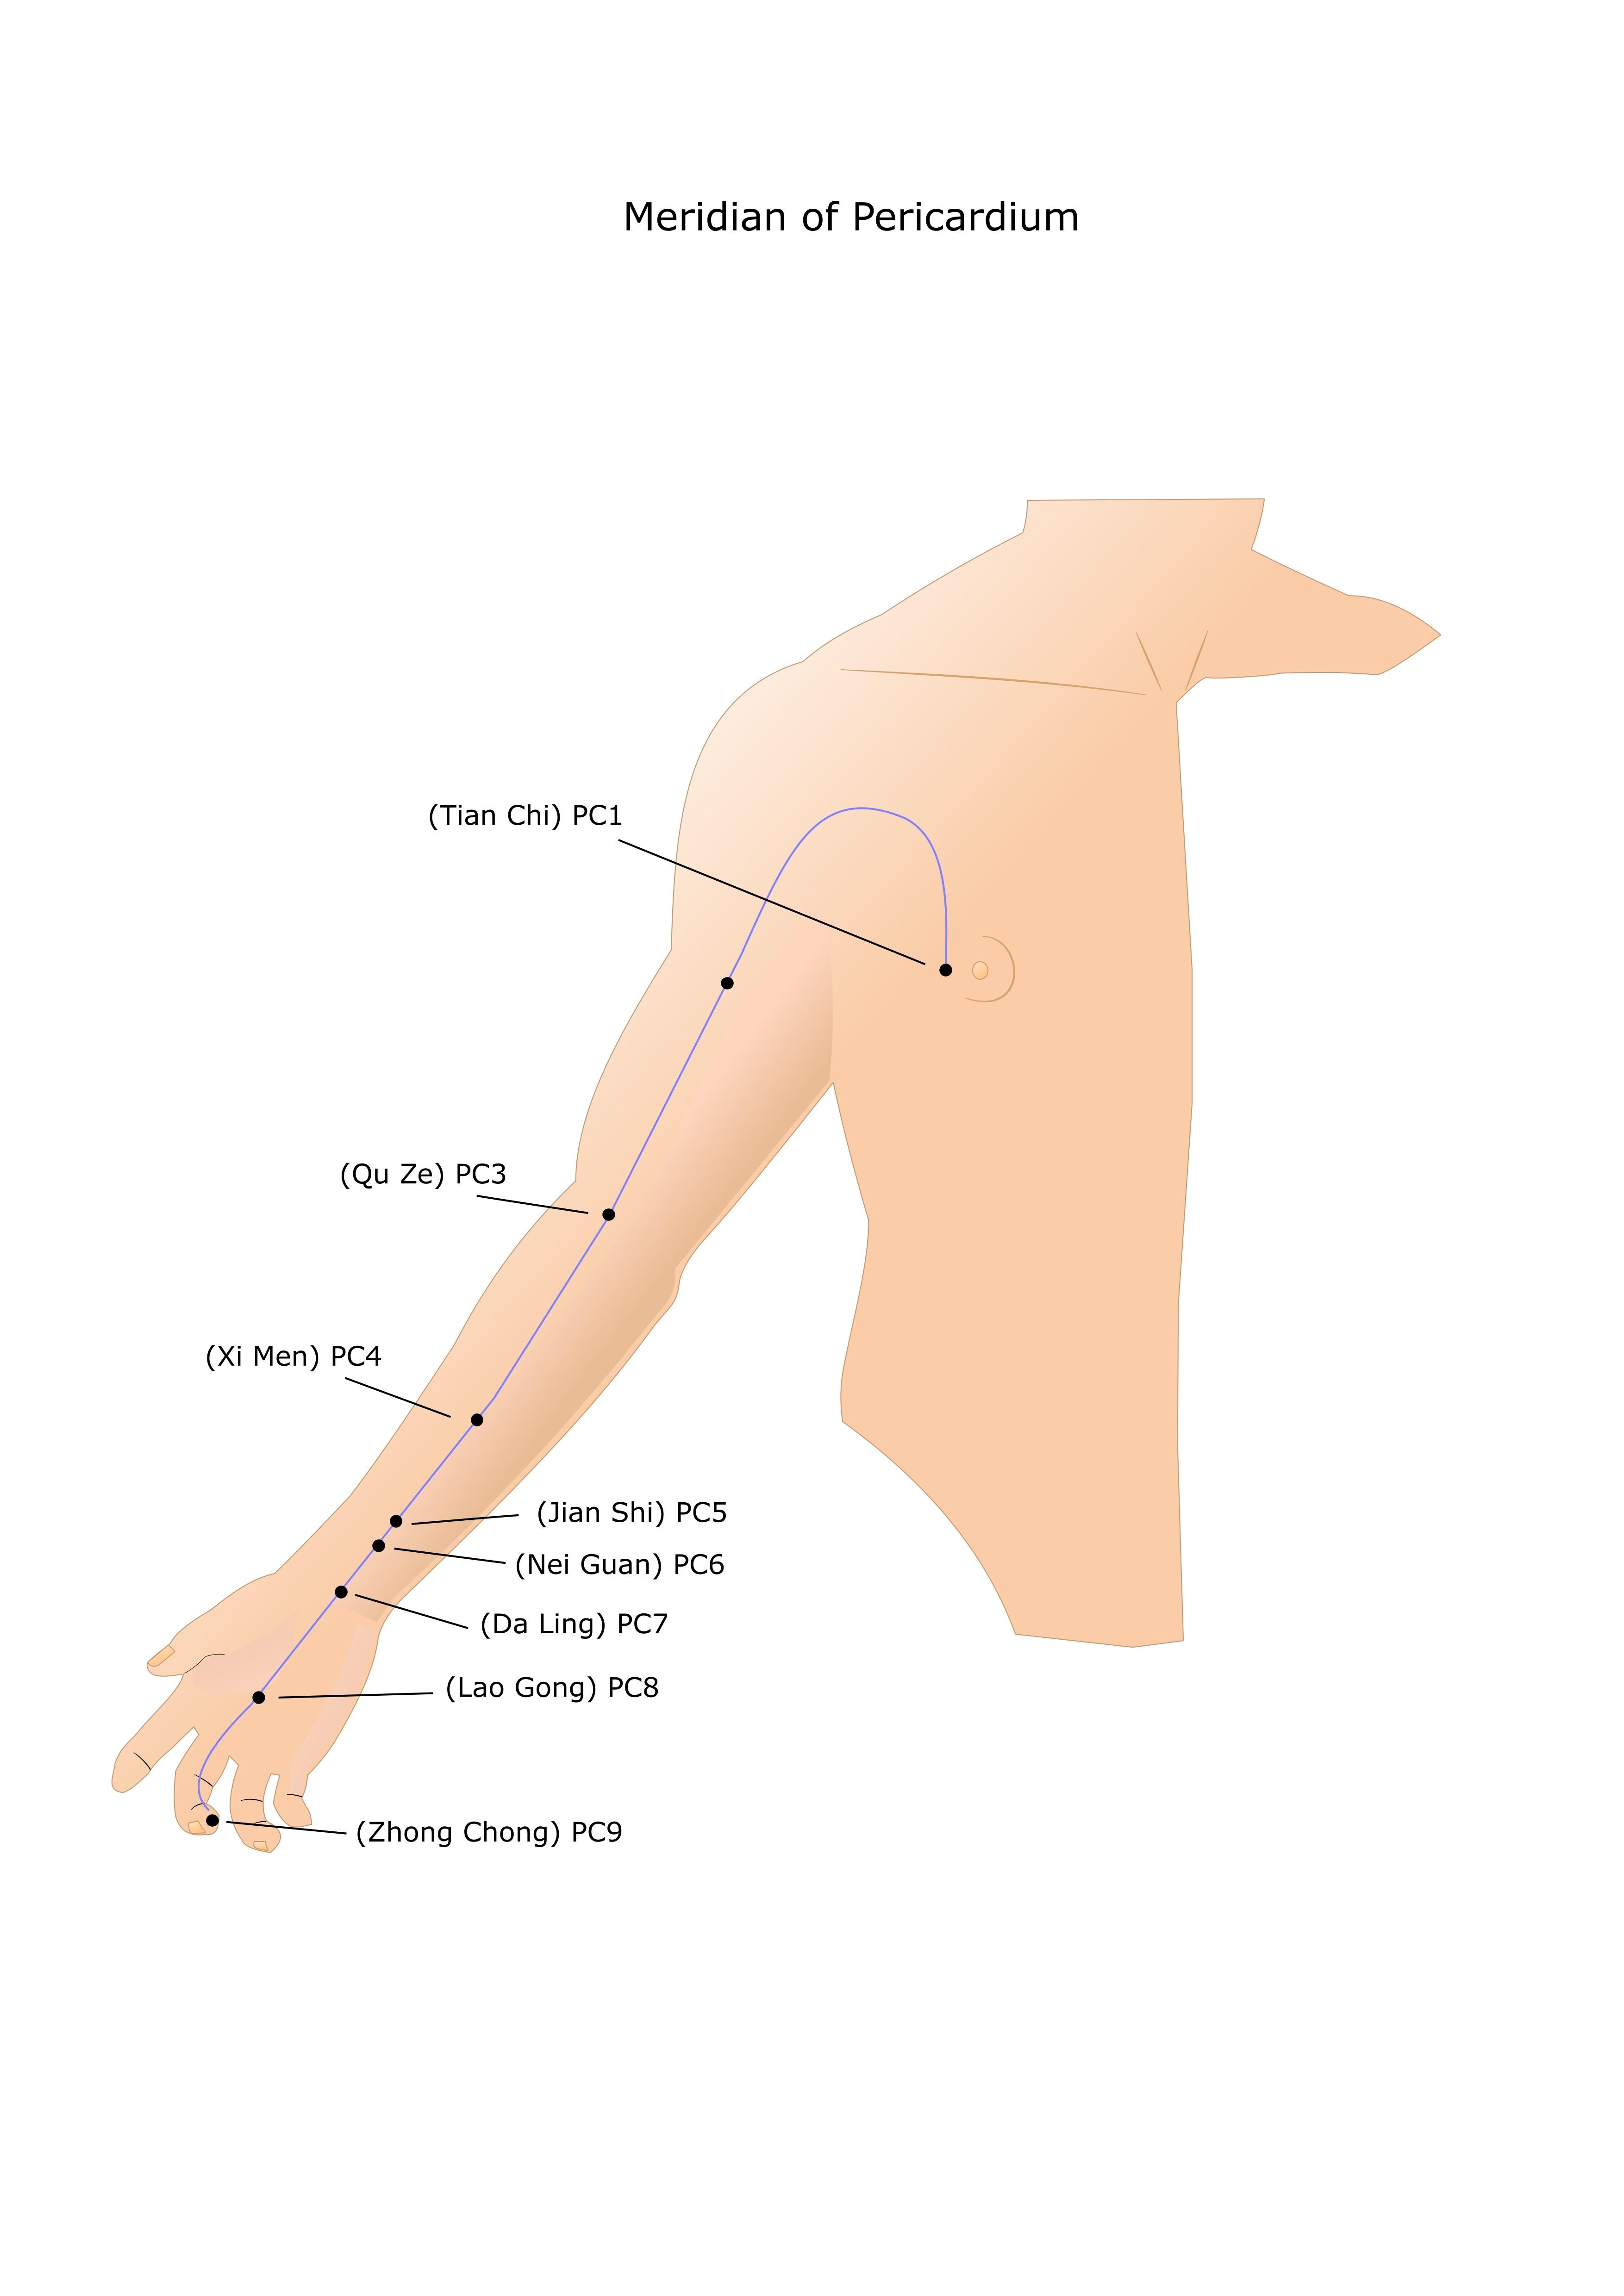 מרידיאן מעטפת הלב Pericardium Meridian